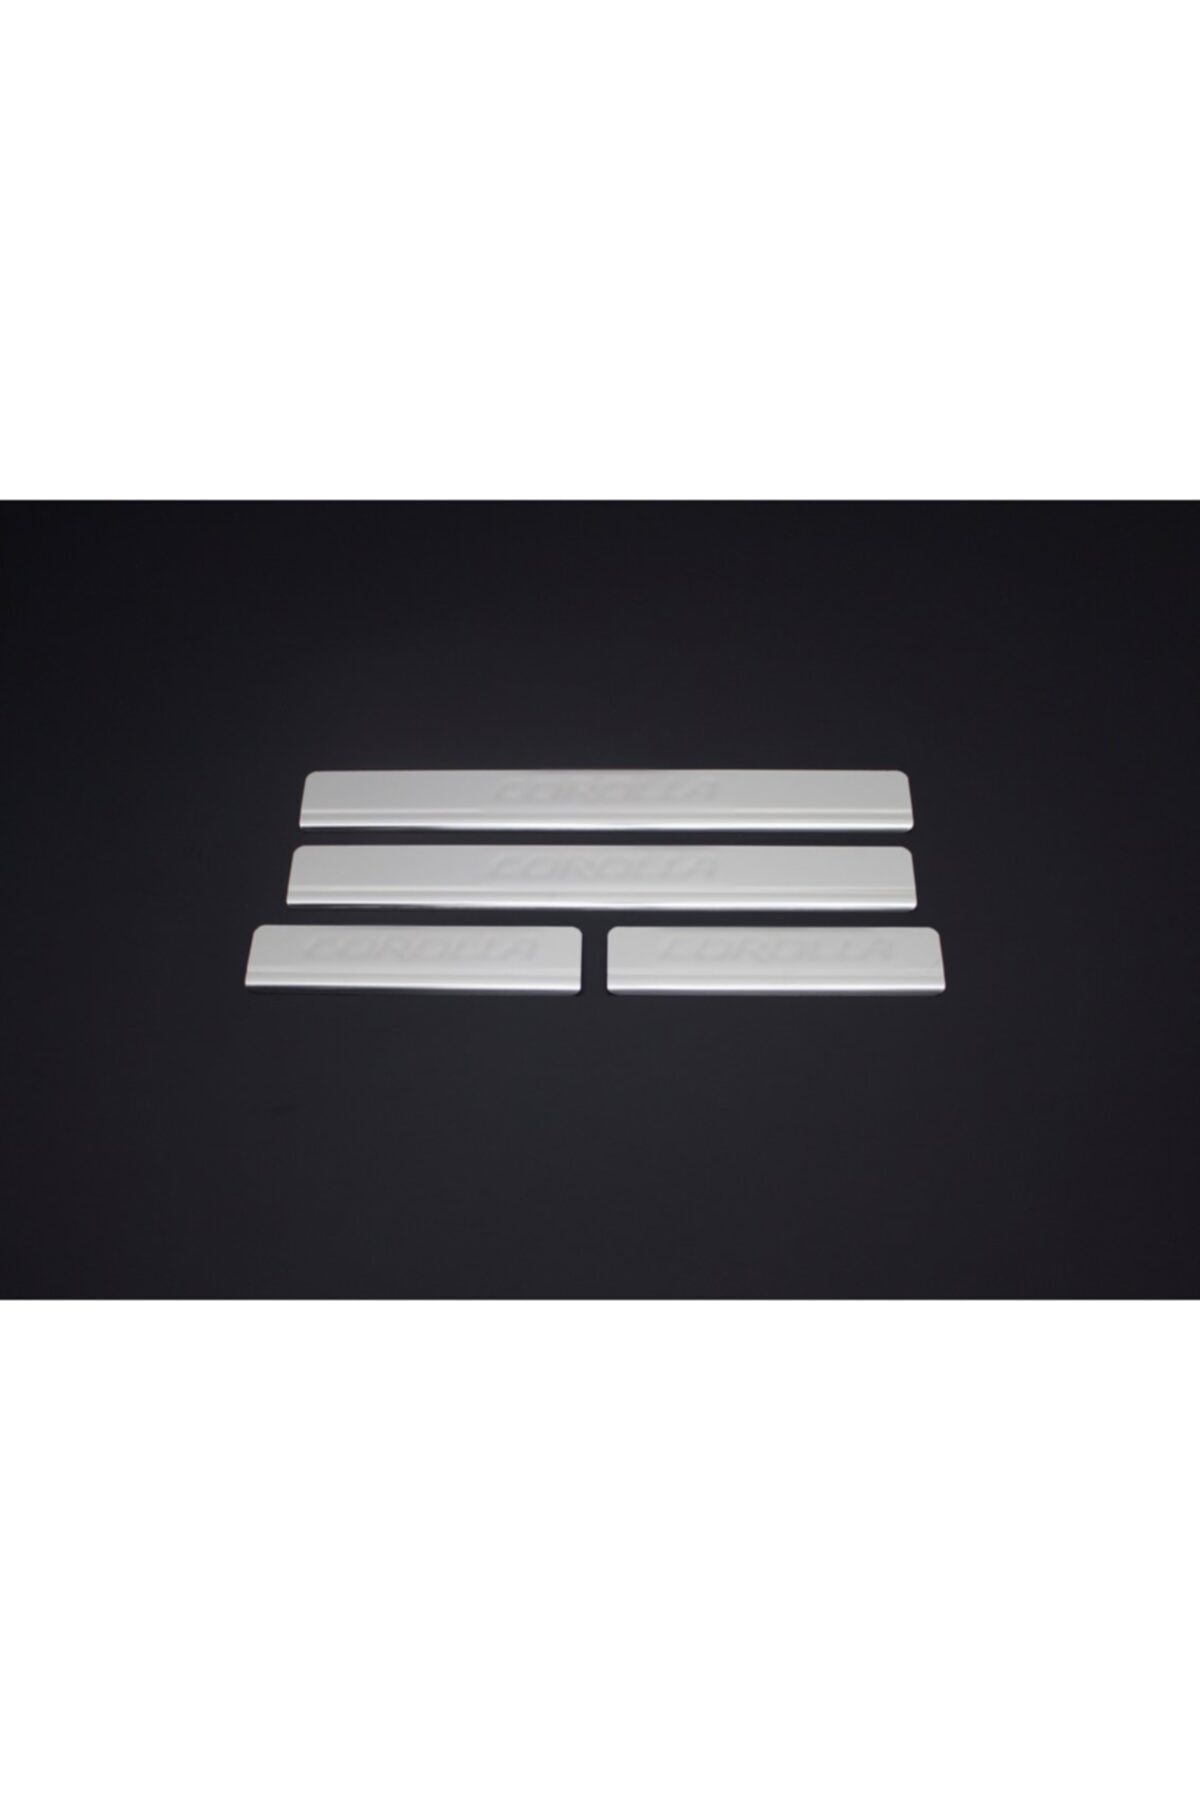 OmsaLine Toyota Corolla Sd 2013-2019 Kapı Eşiği 4 Prç. P.çelik Yazısız 1